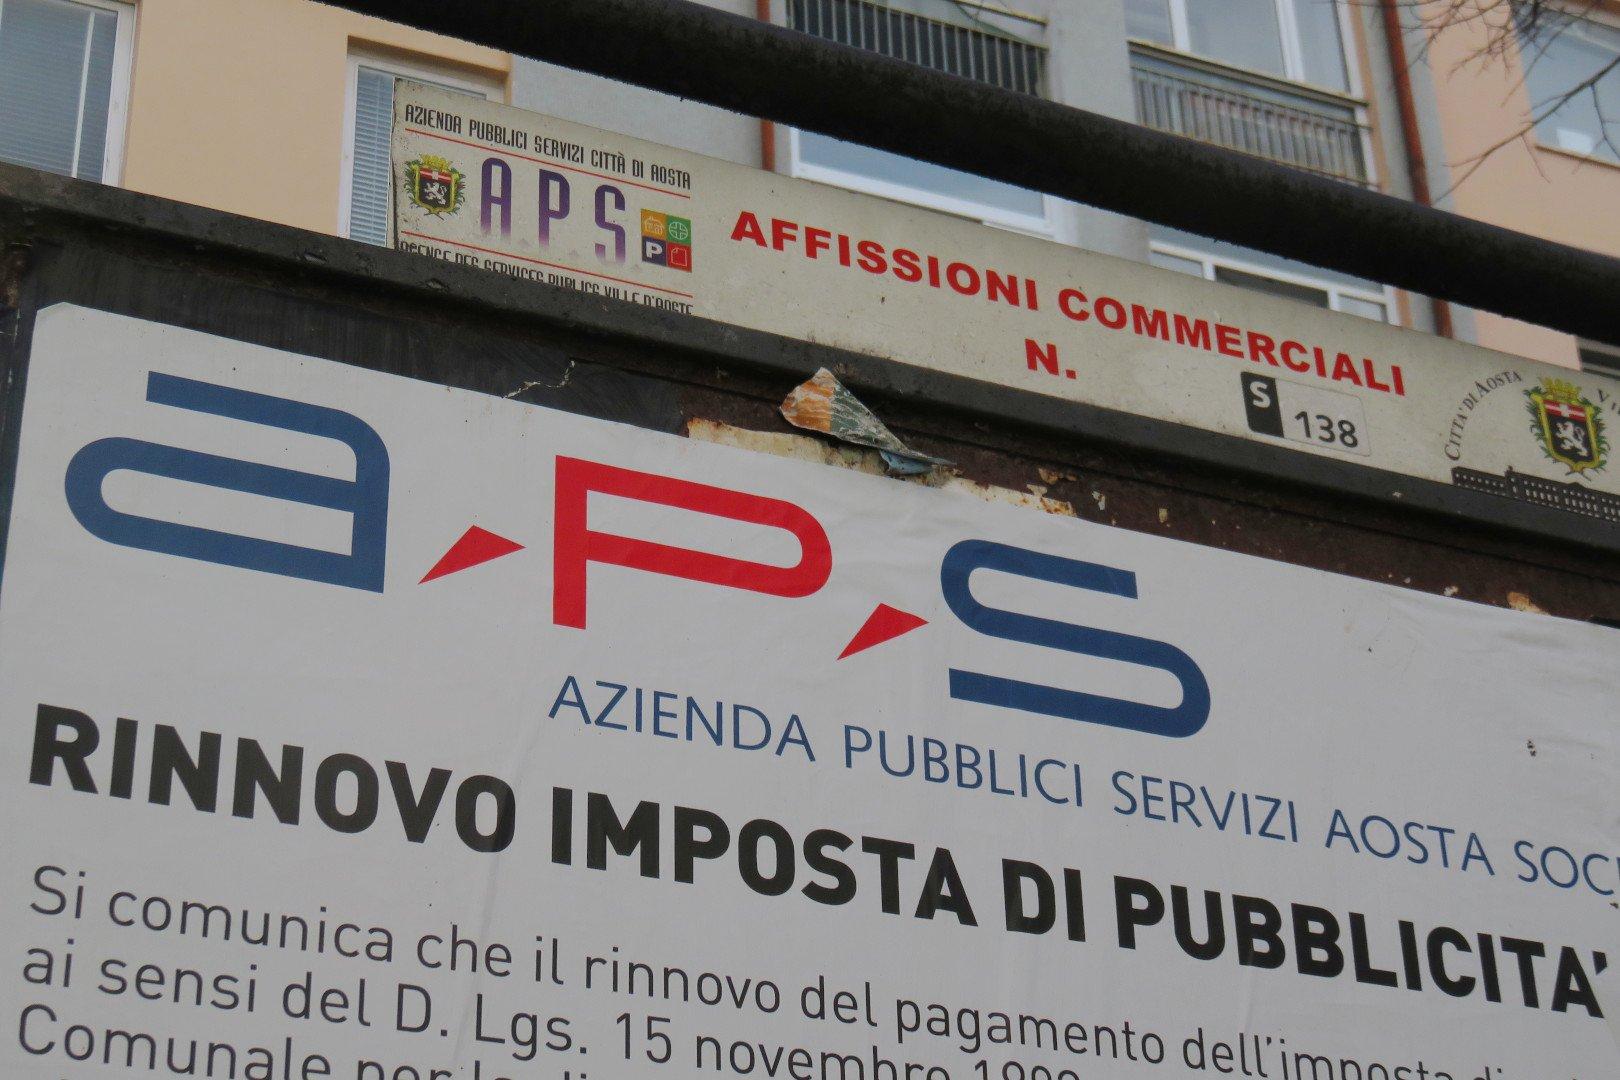 Il dettaglio di un impianto di affissione di Aps